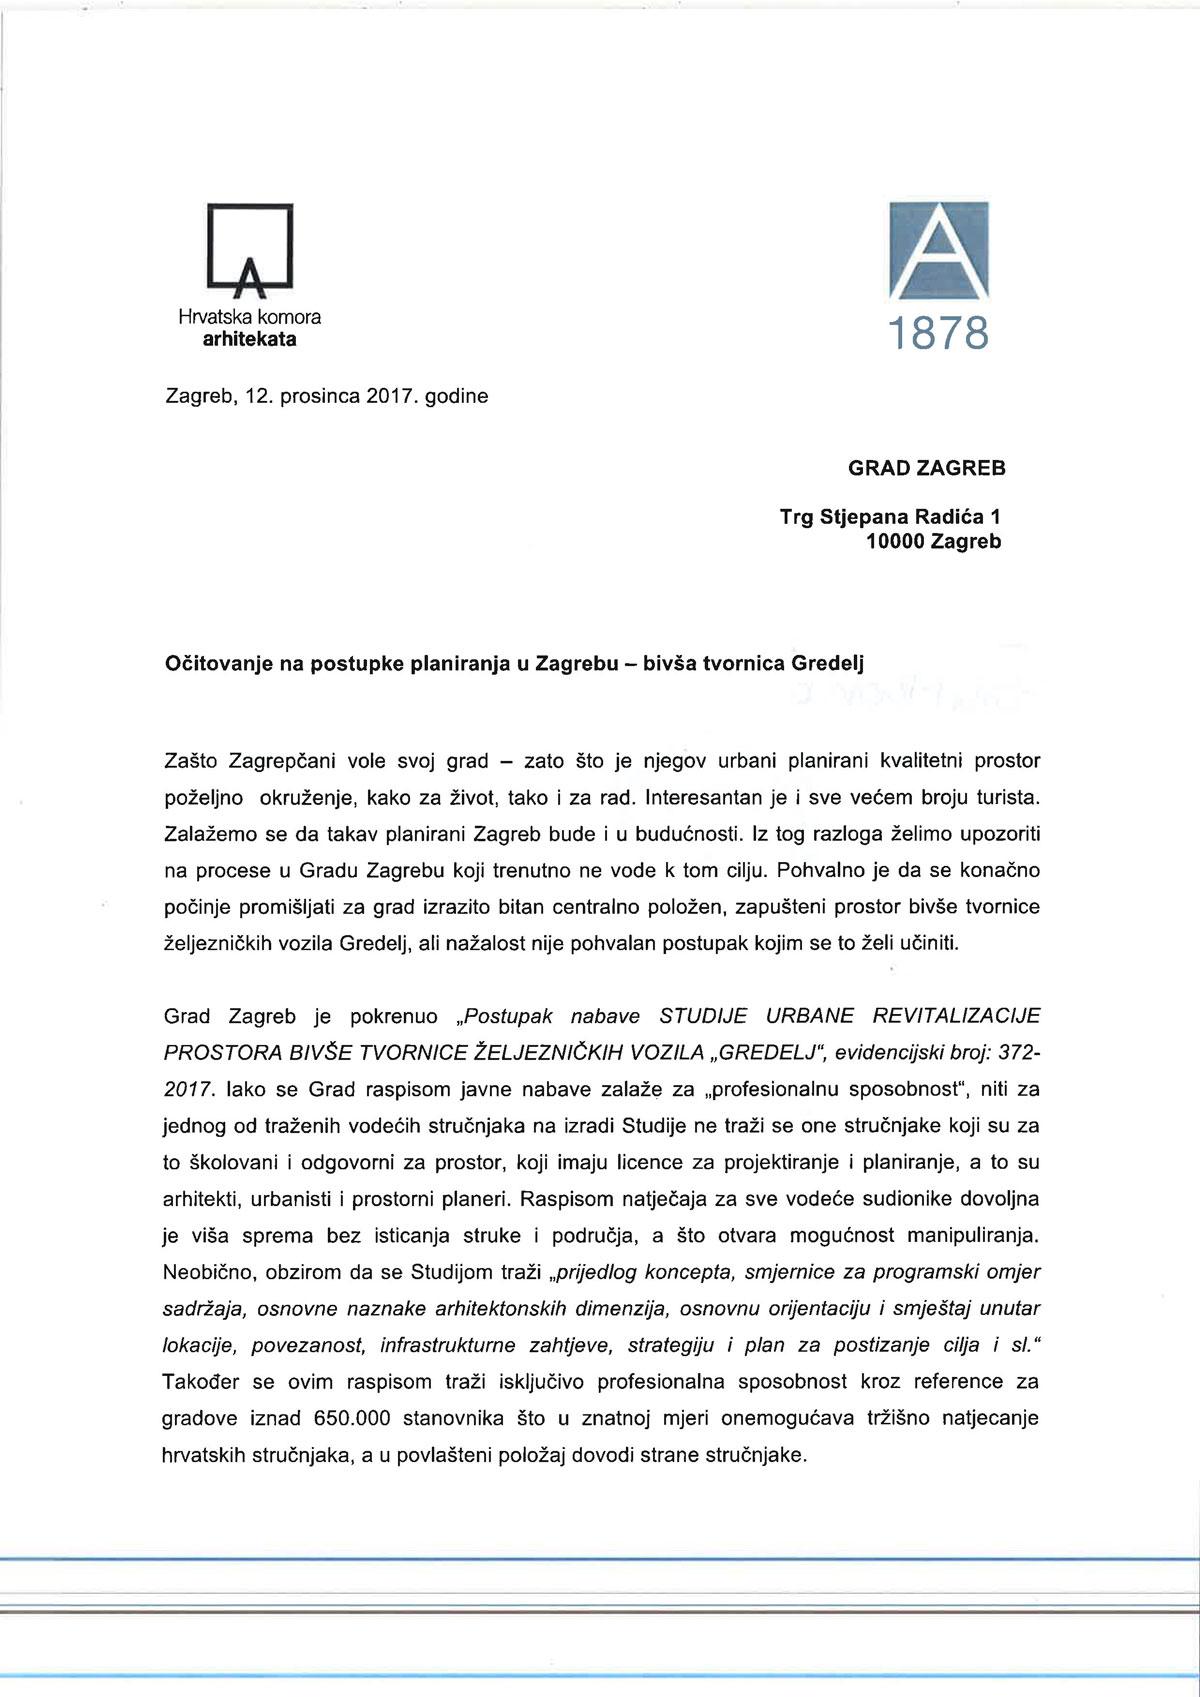 Očitovanje na postupke planiranja u Zagrebu - bivša tvornica Gredelj